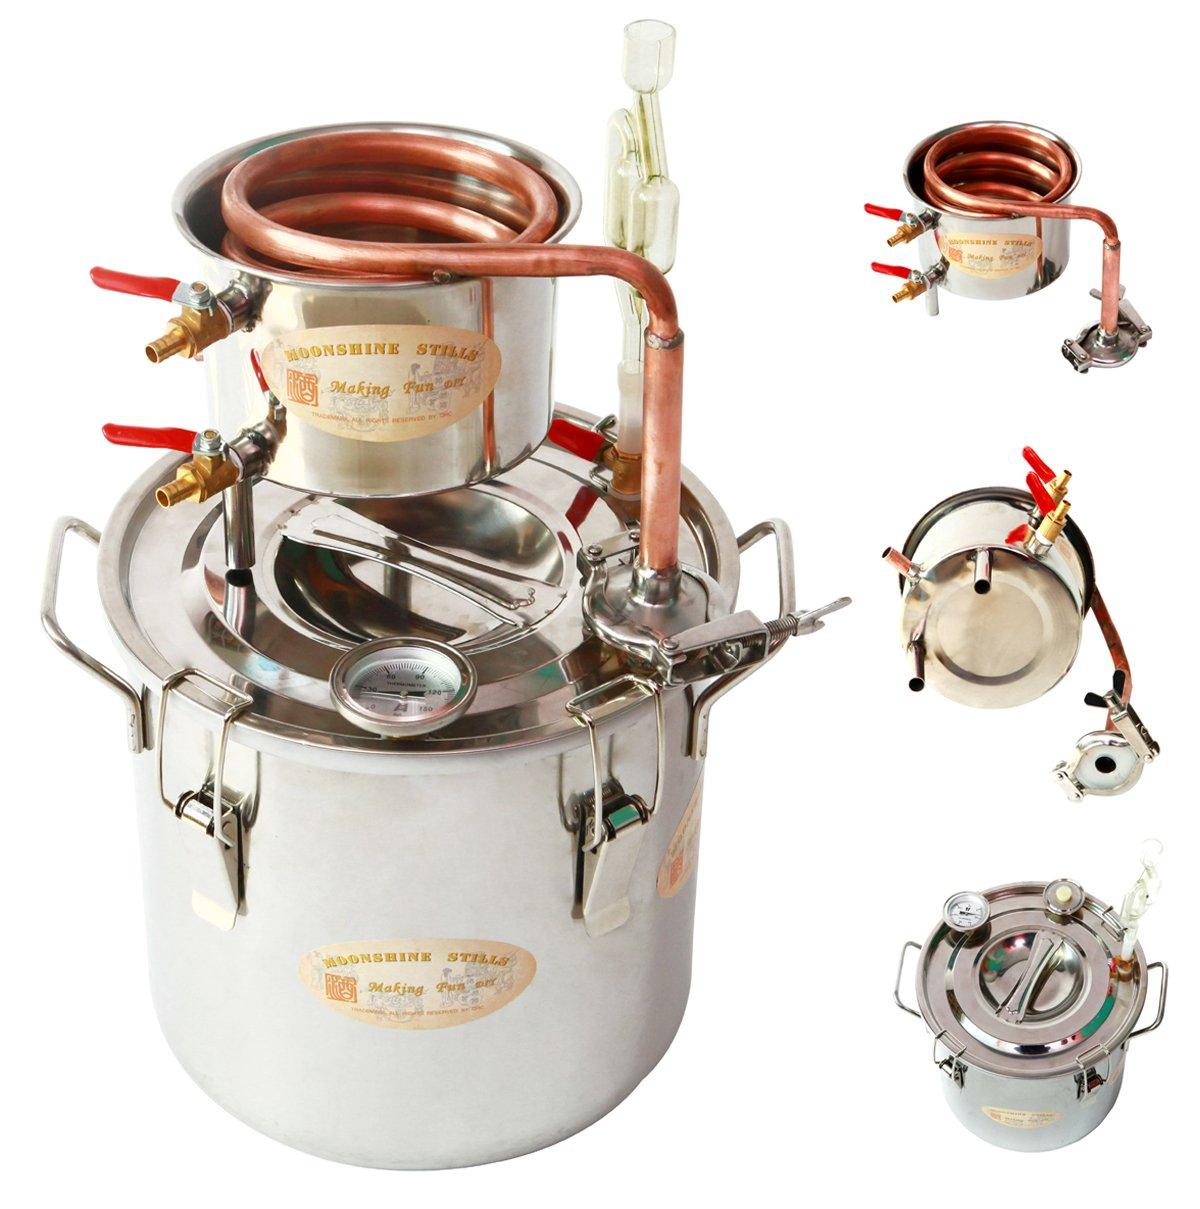 WMN_TRULYSTEP MSC03 Copper Alcohol Moonshine Ethanol Still Spirits Boiler Water Distiller, 20 Litres